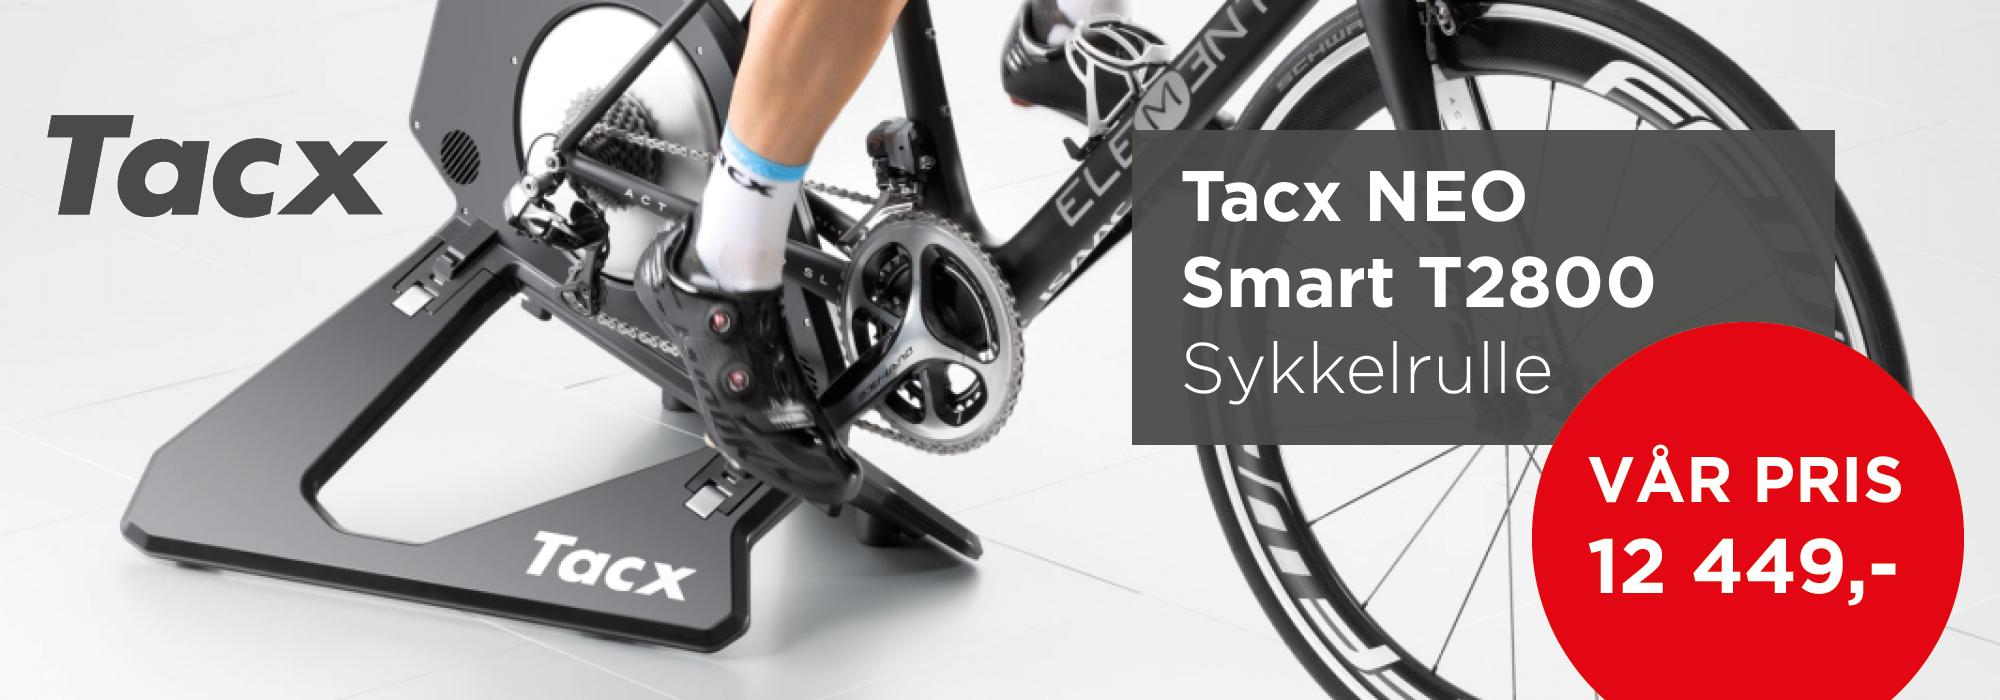 Kampanje Tacx NEO Smart T2800 Sykkelrulle